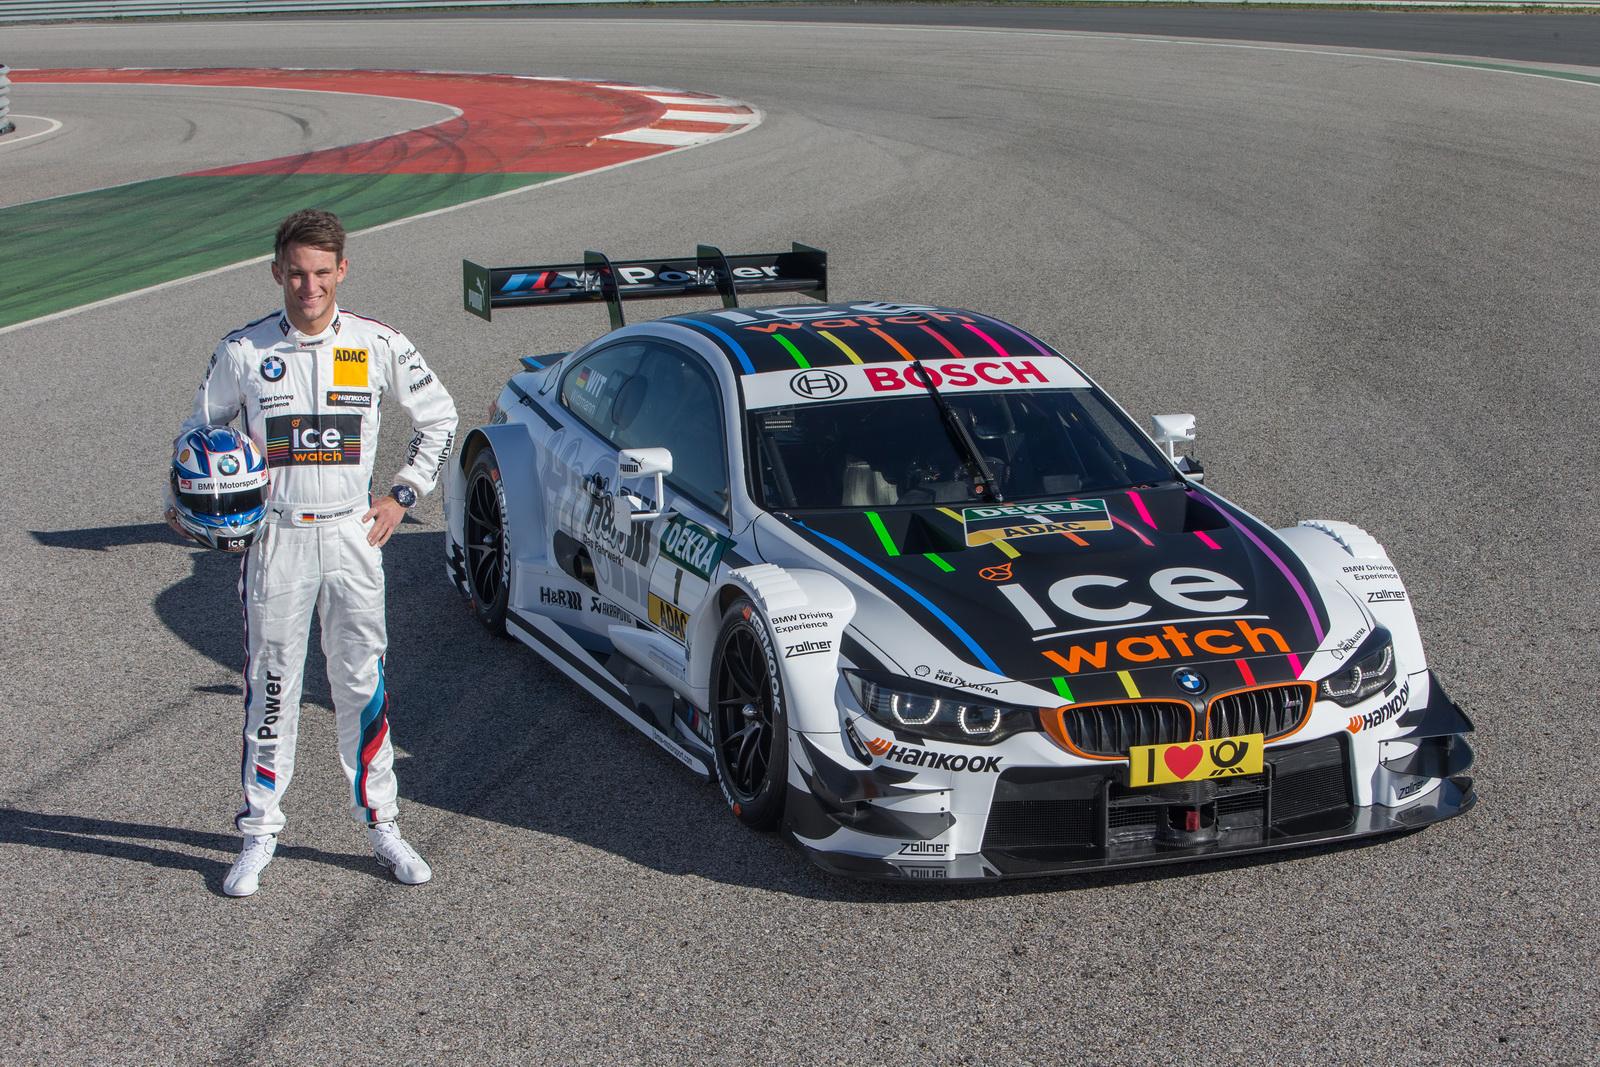 Bmw Unveils M4 Race Cars For 2015 Dtm Season Gtspirit